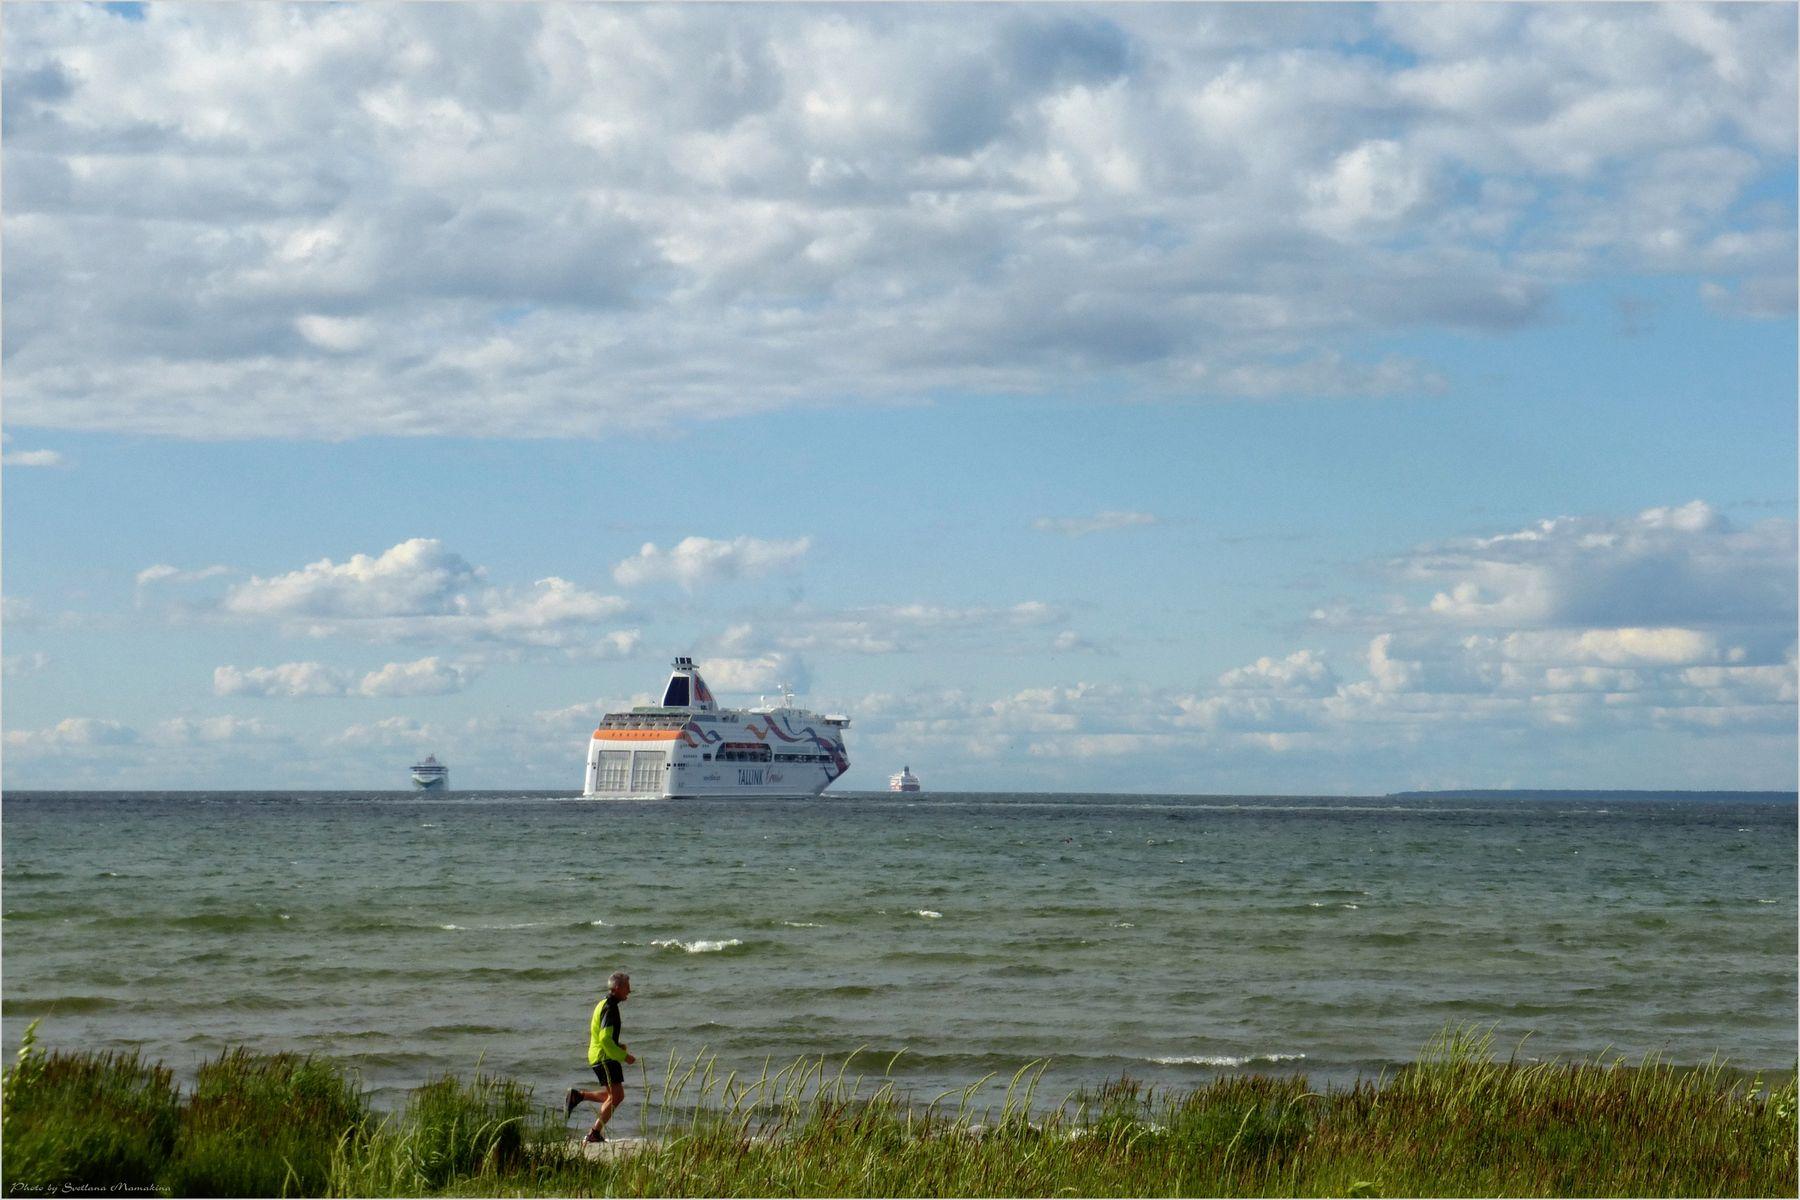 *Пробежка с попутным ветром* фотография путешествия Европа Балтика Фото.Сайт Светлана Мамакина Lihgra Adventure